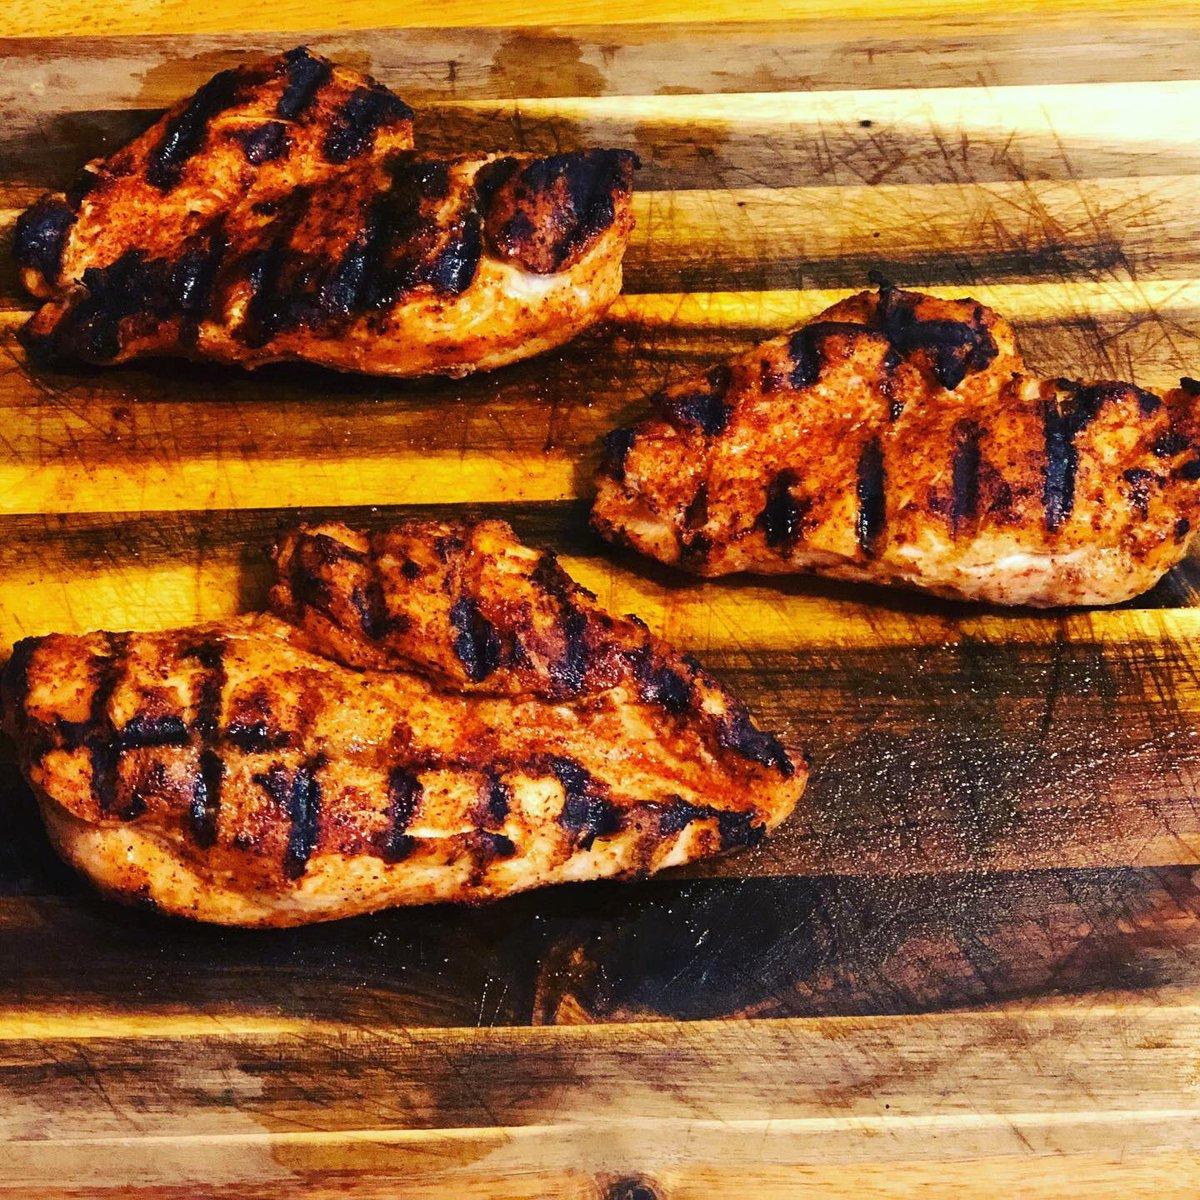 #dinnerisserved #dinner #chicken #grilledchicken #bbq #bbqchicken #bbqlife #bbqlifestyle #grillnight #grilllife #grilllifestyle #bbqon #calebbrown65bbq #grillon https://t.co/bLEEP6bW5n